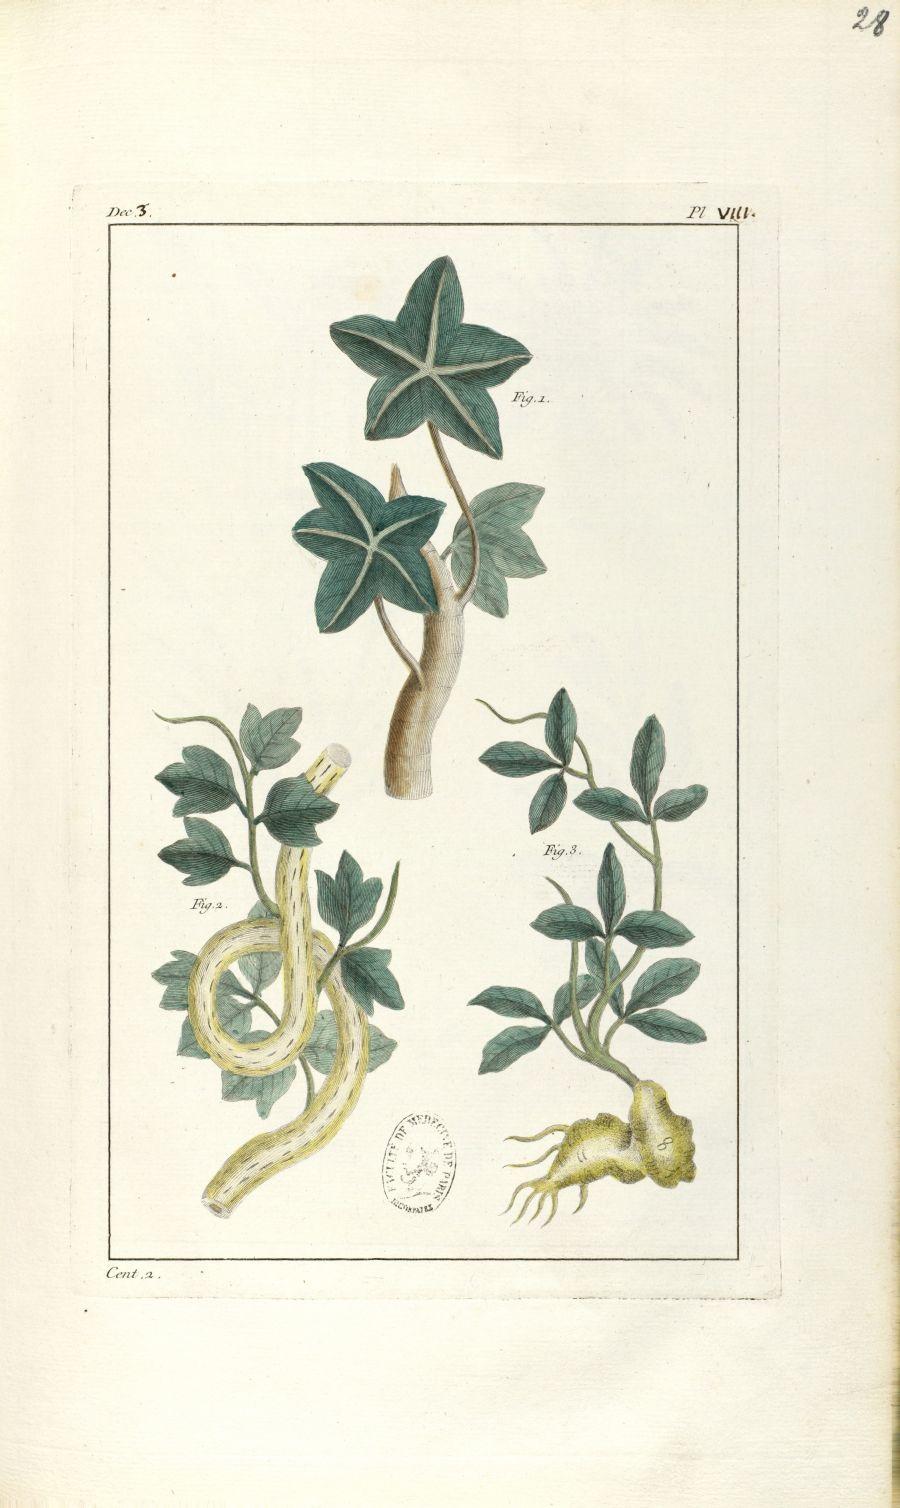 Planche VIII. Dec. 3. Cent. 2 - Herbier ou collection des plantes médicinales de la Chine d'après un [...] - Botanique. Plantes (médecine). Chine. 18e siècle - med01989x0031